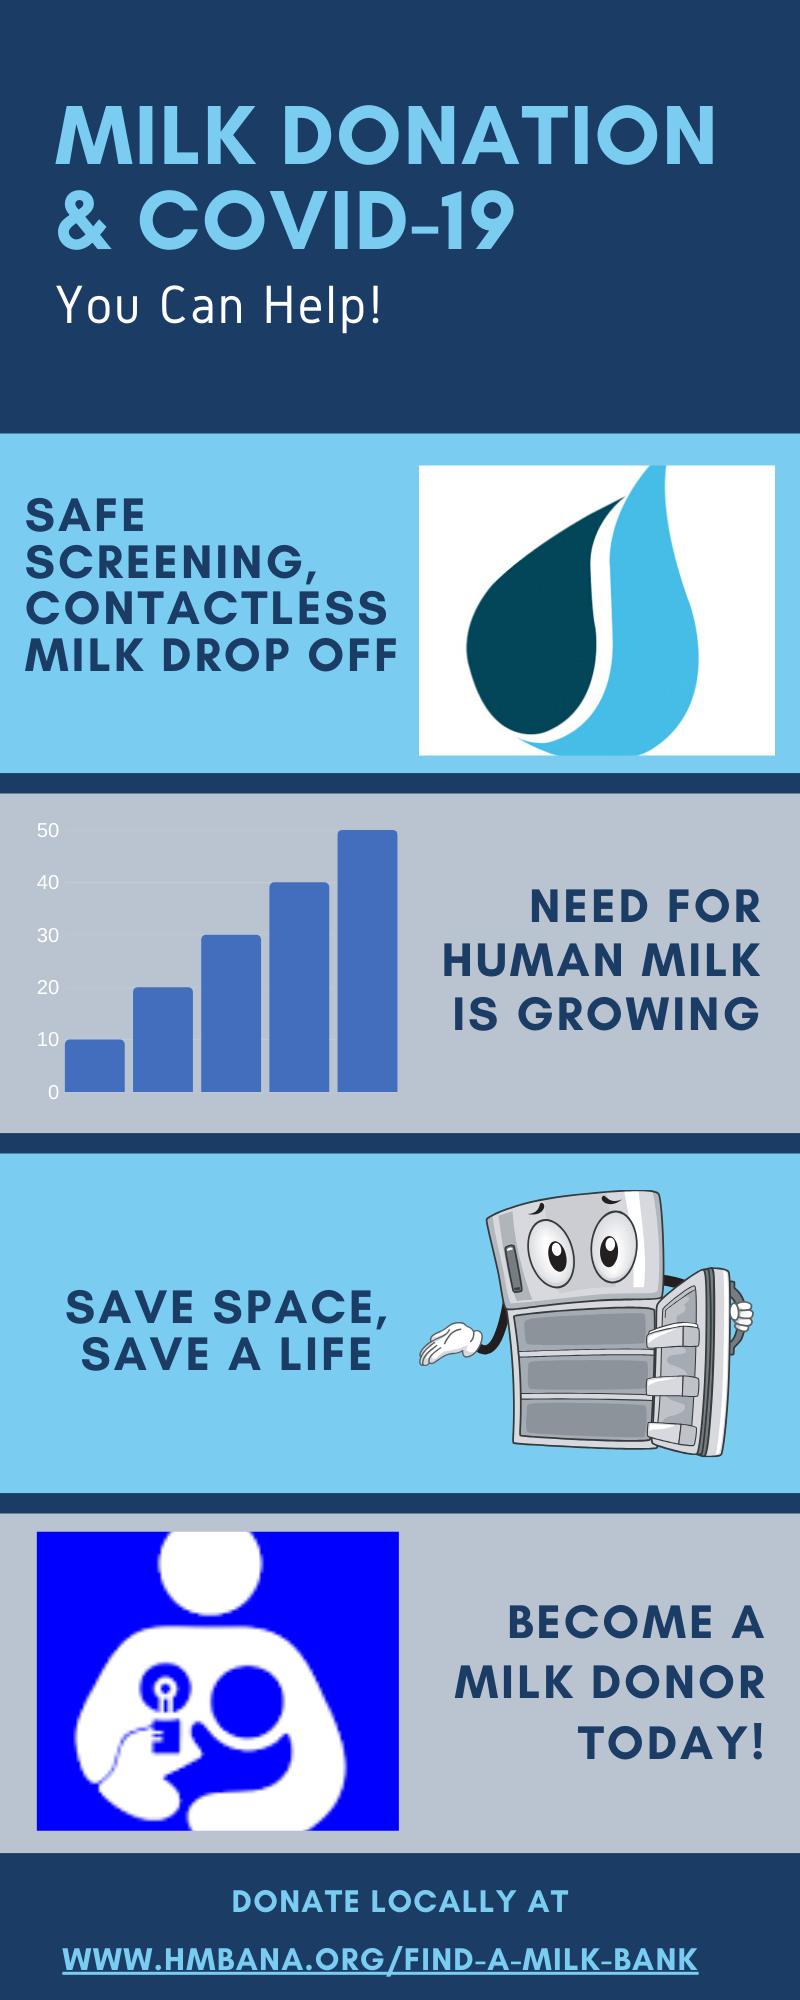 Milk Donation & COVID-19